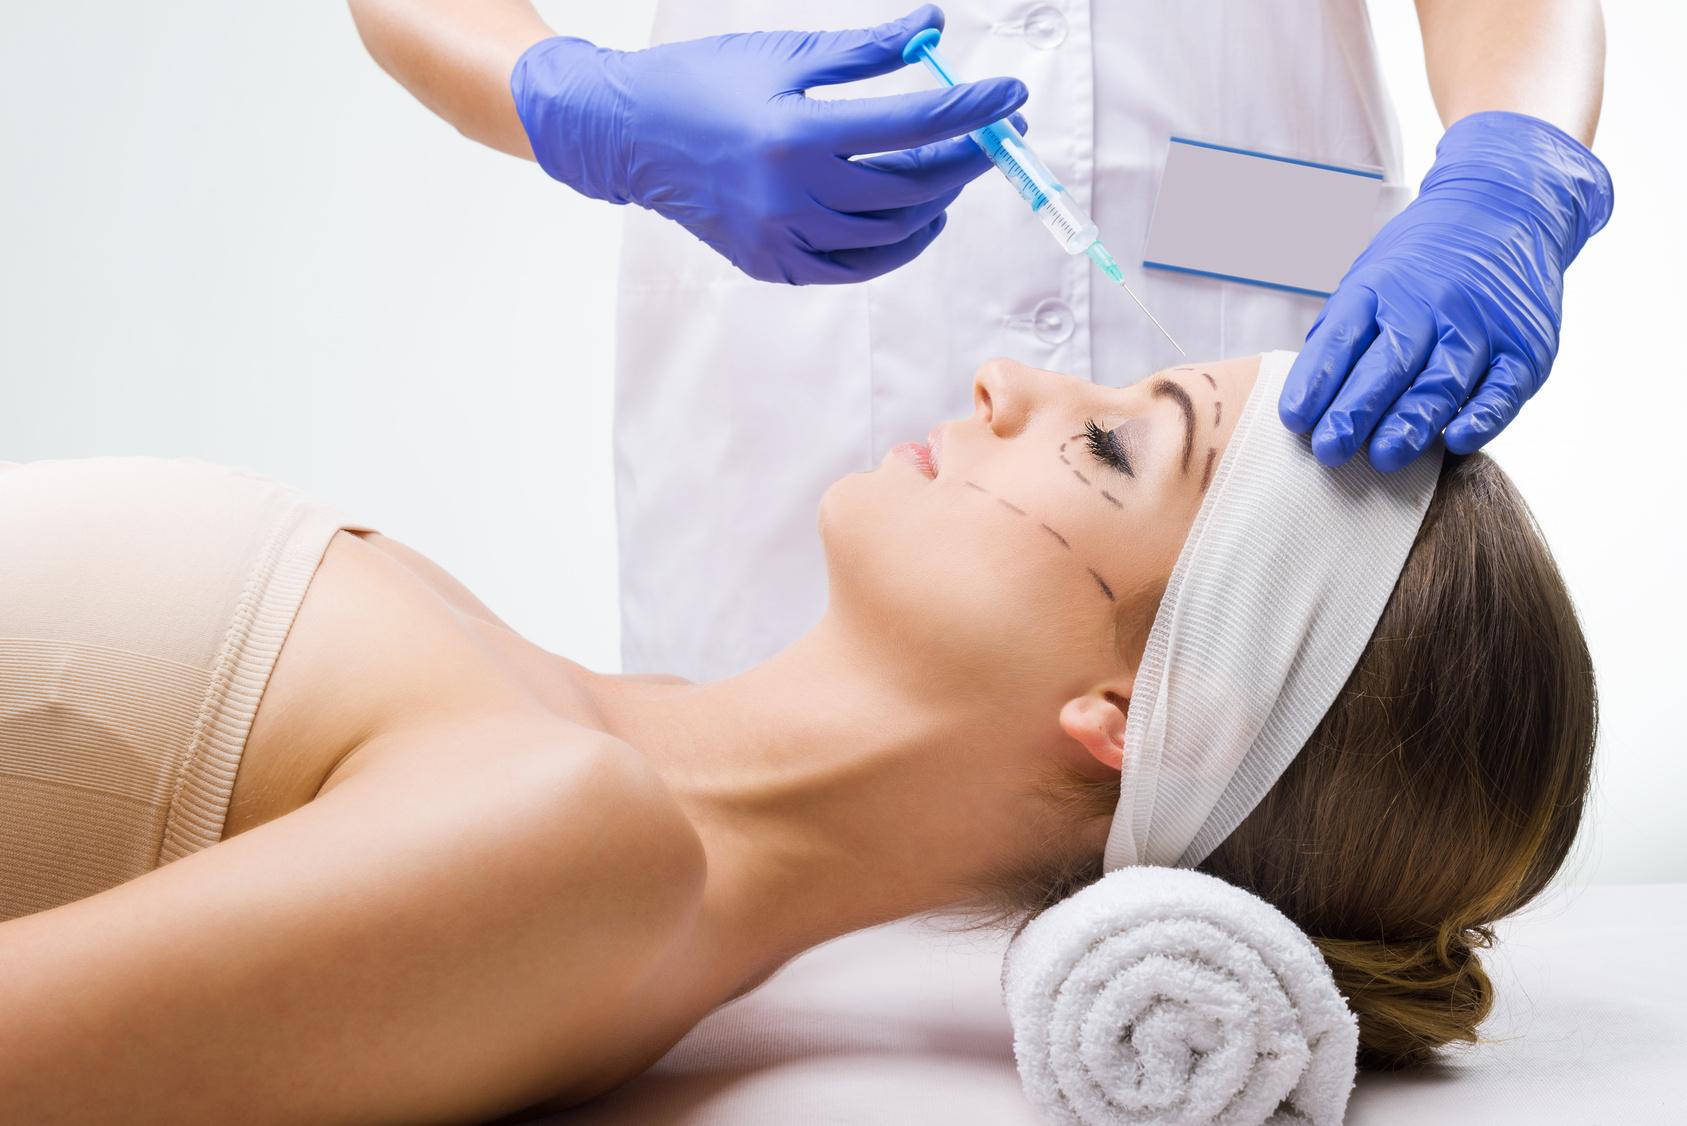 Biostimolazione viso: una nuova tecnica per la pelle